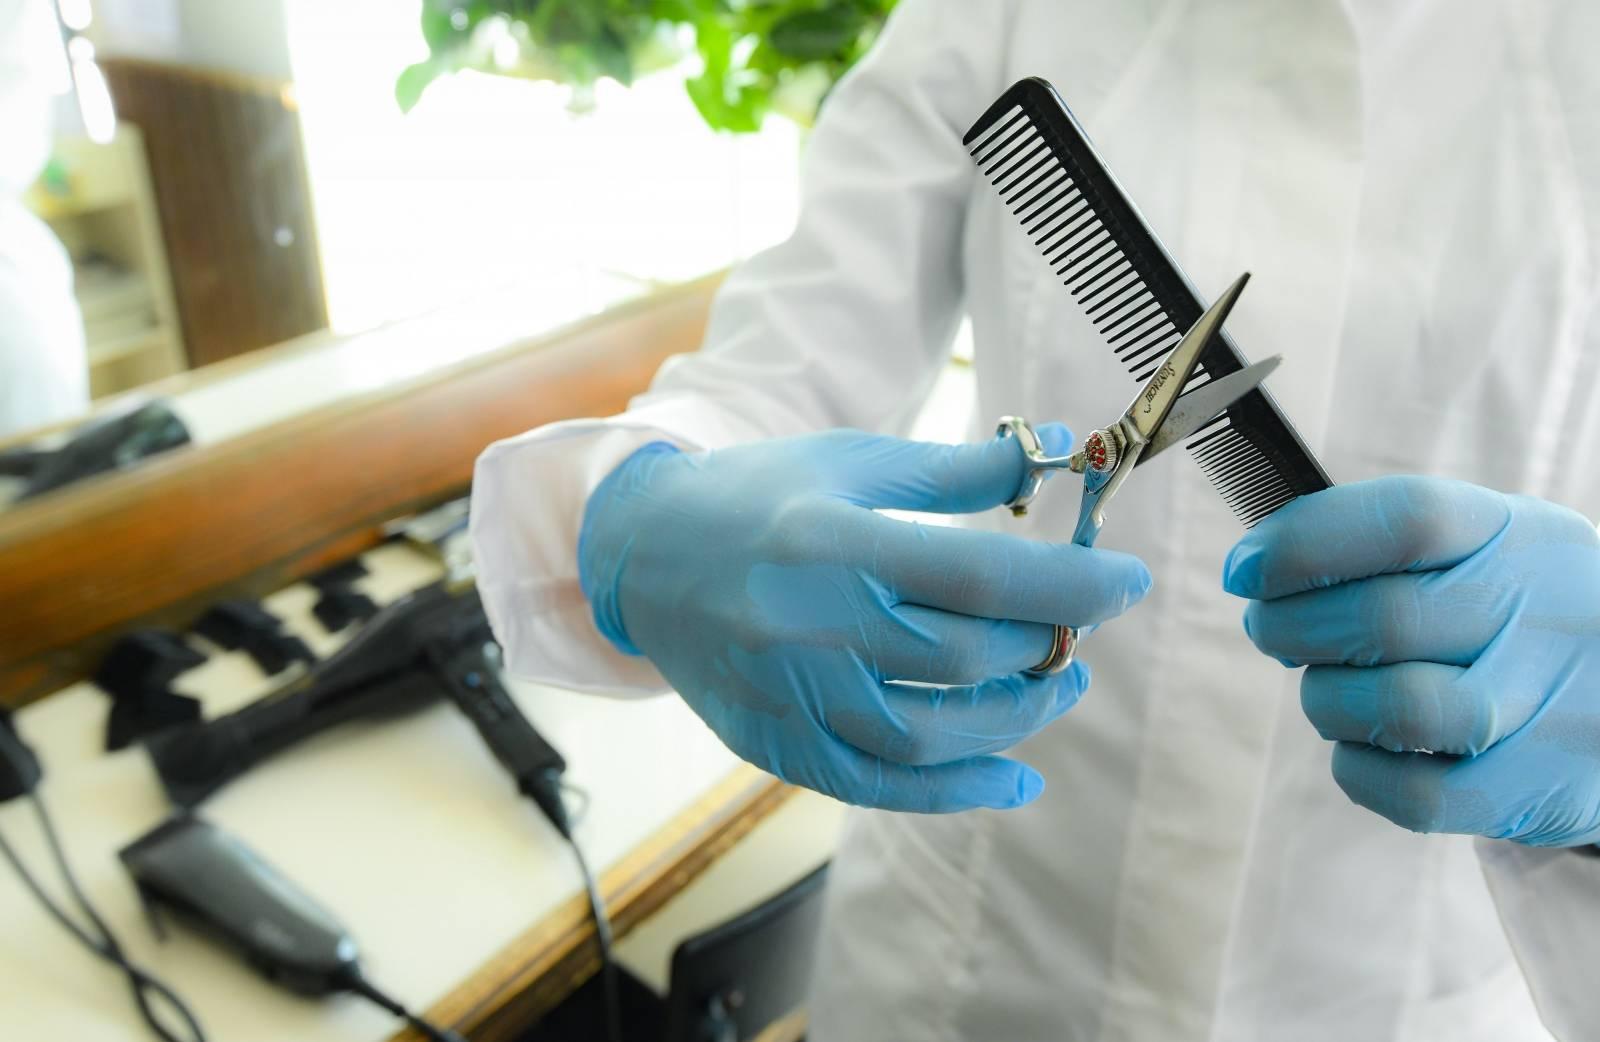 Rad u frizerskom salonu u doba pandemije koranavirusa